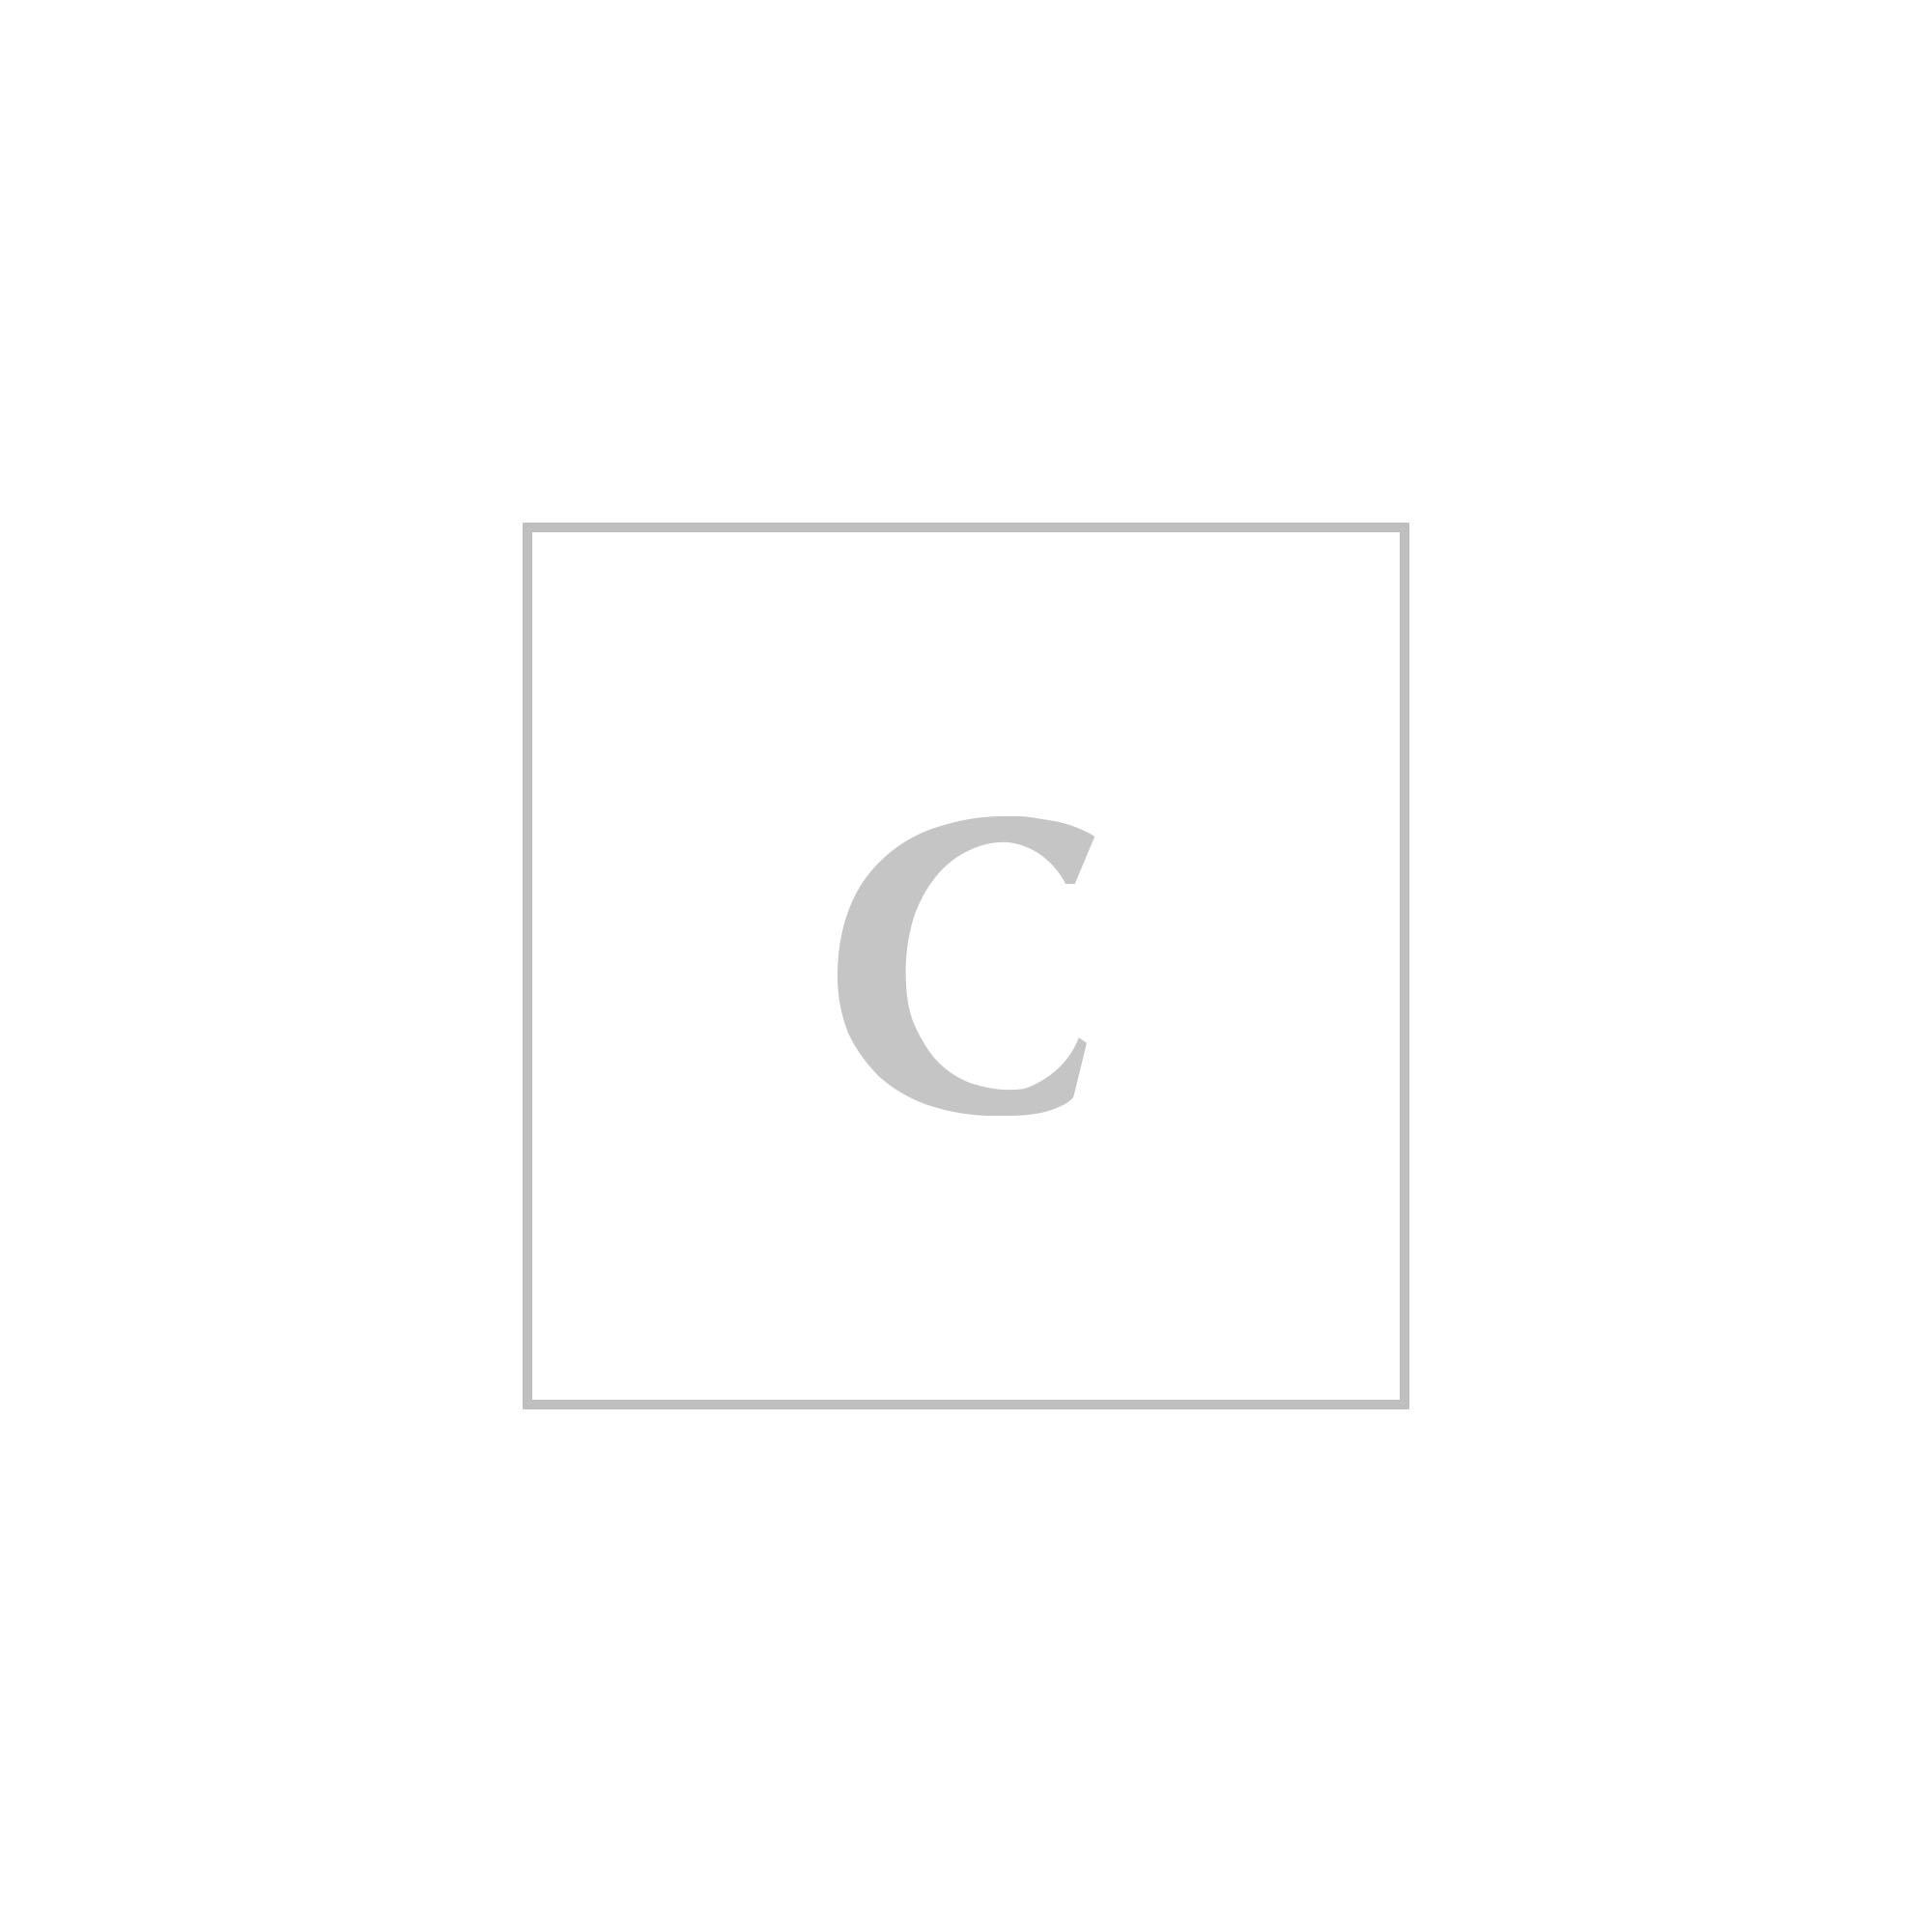 Dolce & gabbana mini sicily bag